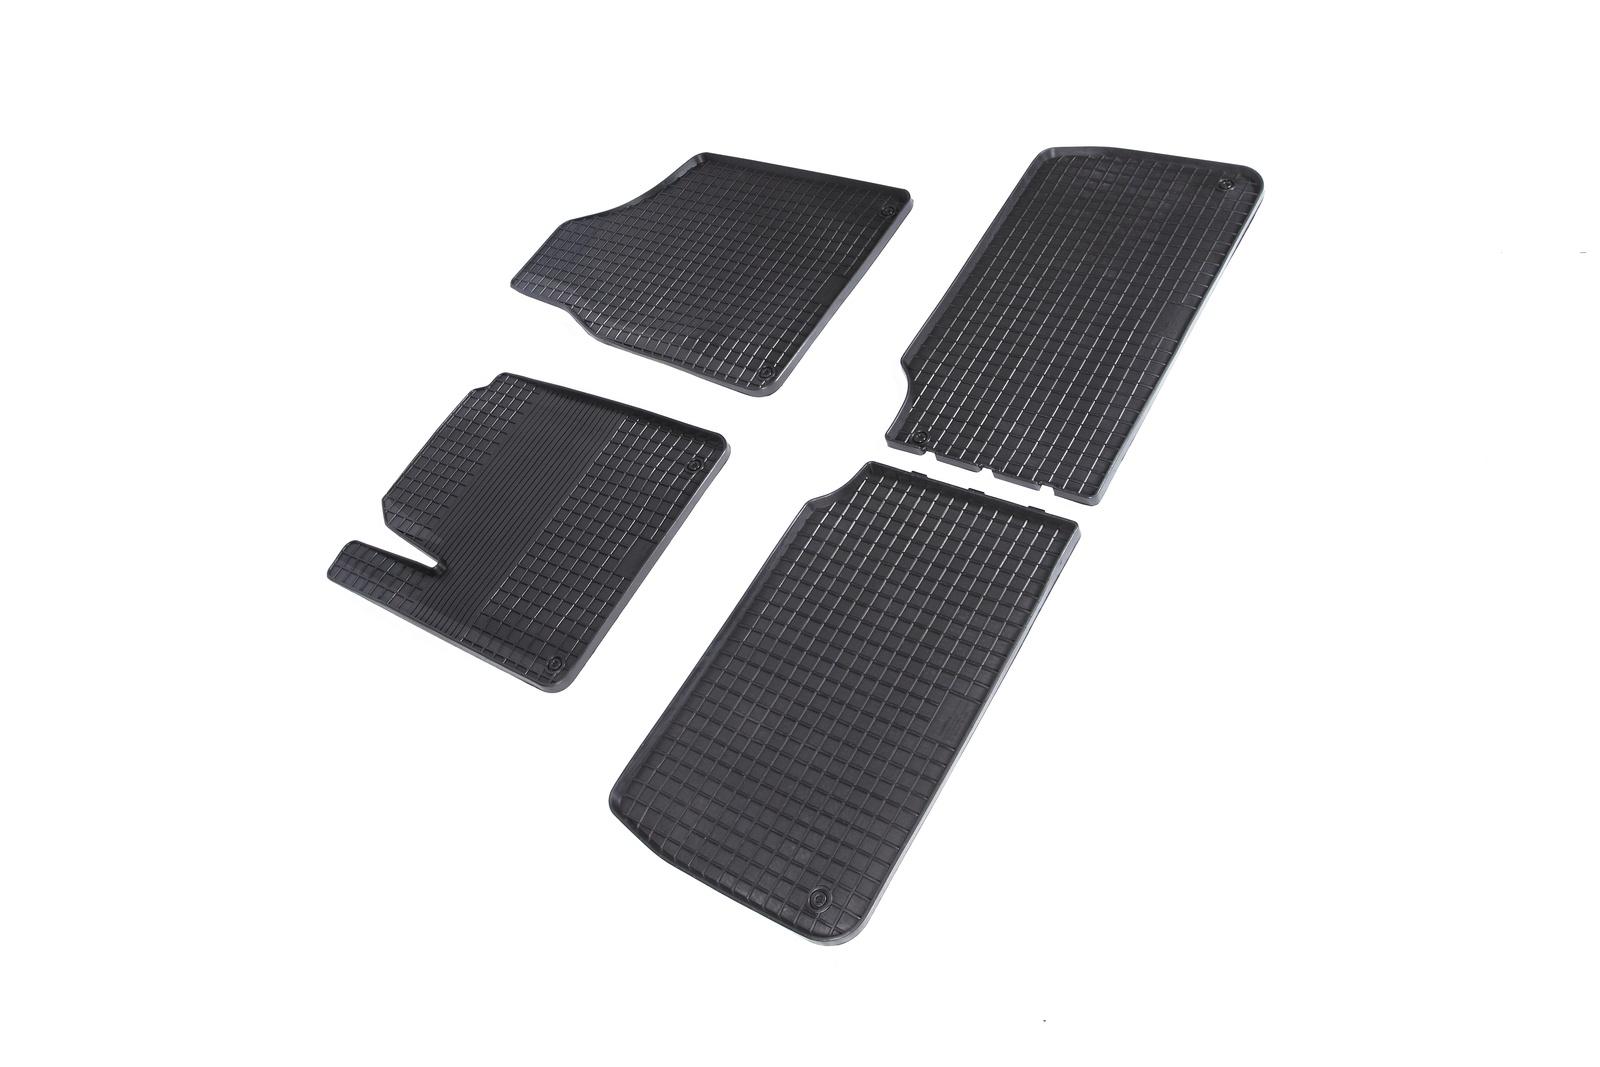 Коврики в салон автомобиля Seintex Резиновые коврики Сетка для Audi Allroad 2006-2011 для автомобиля резинотканевые коврики